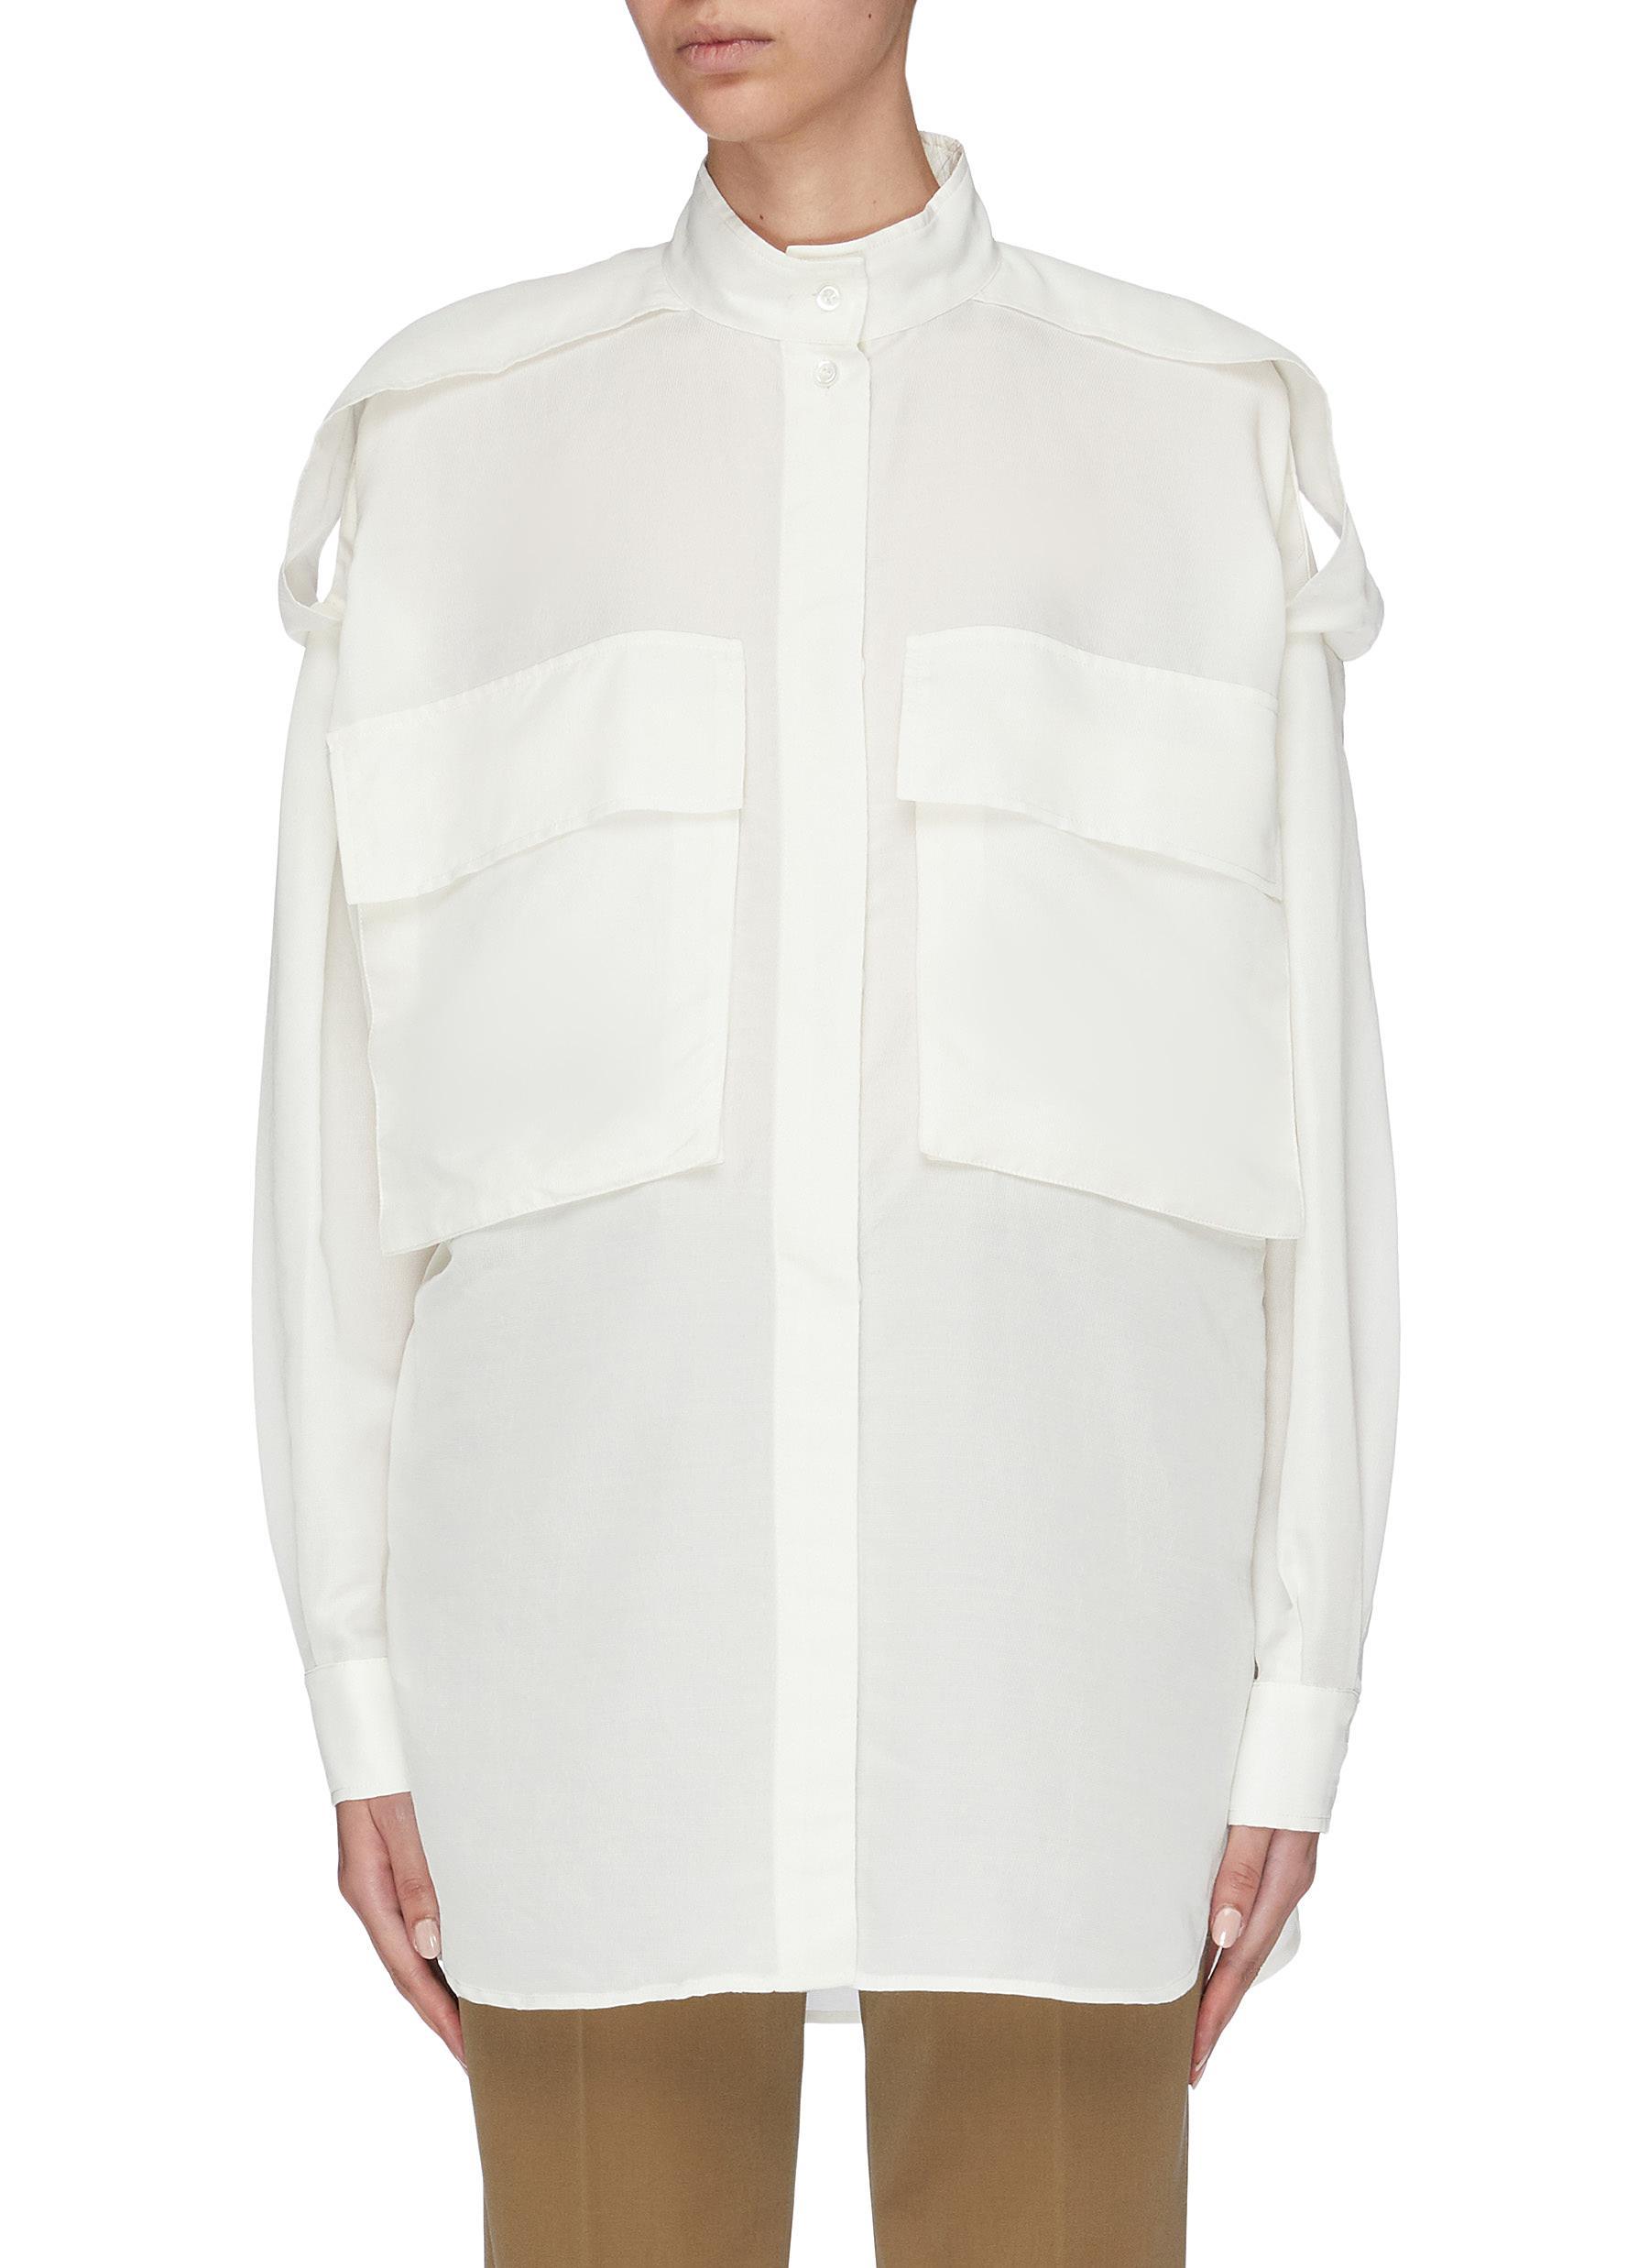 Simona flap pocket oversized shirt by Barena